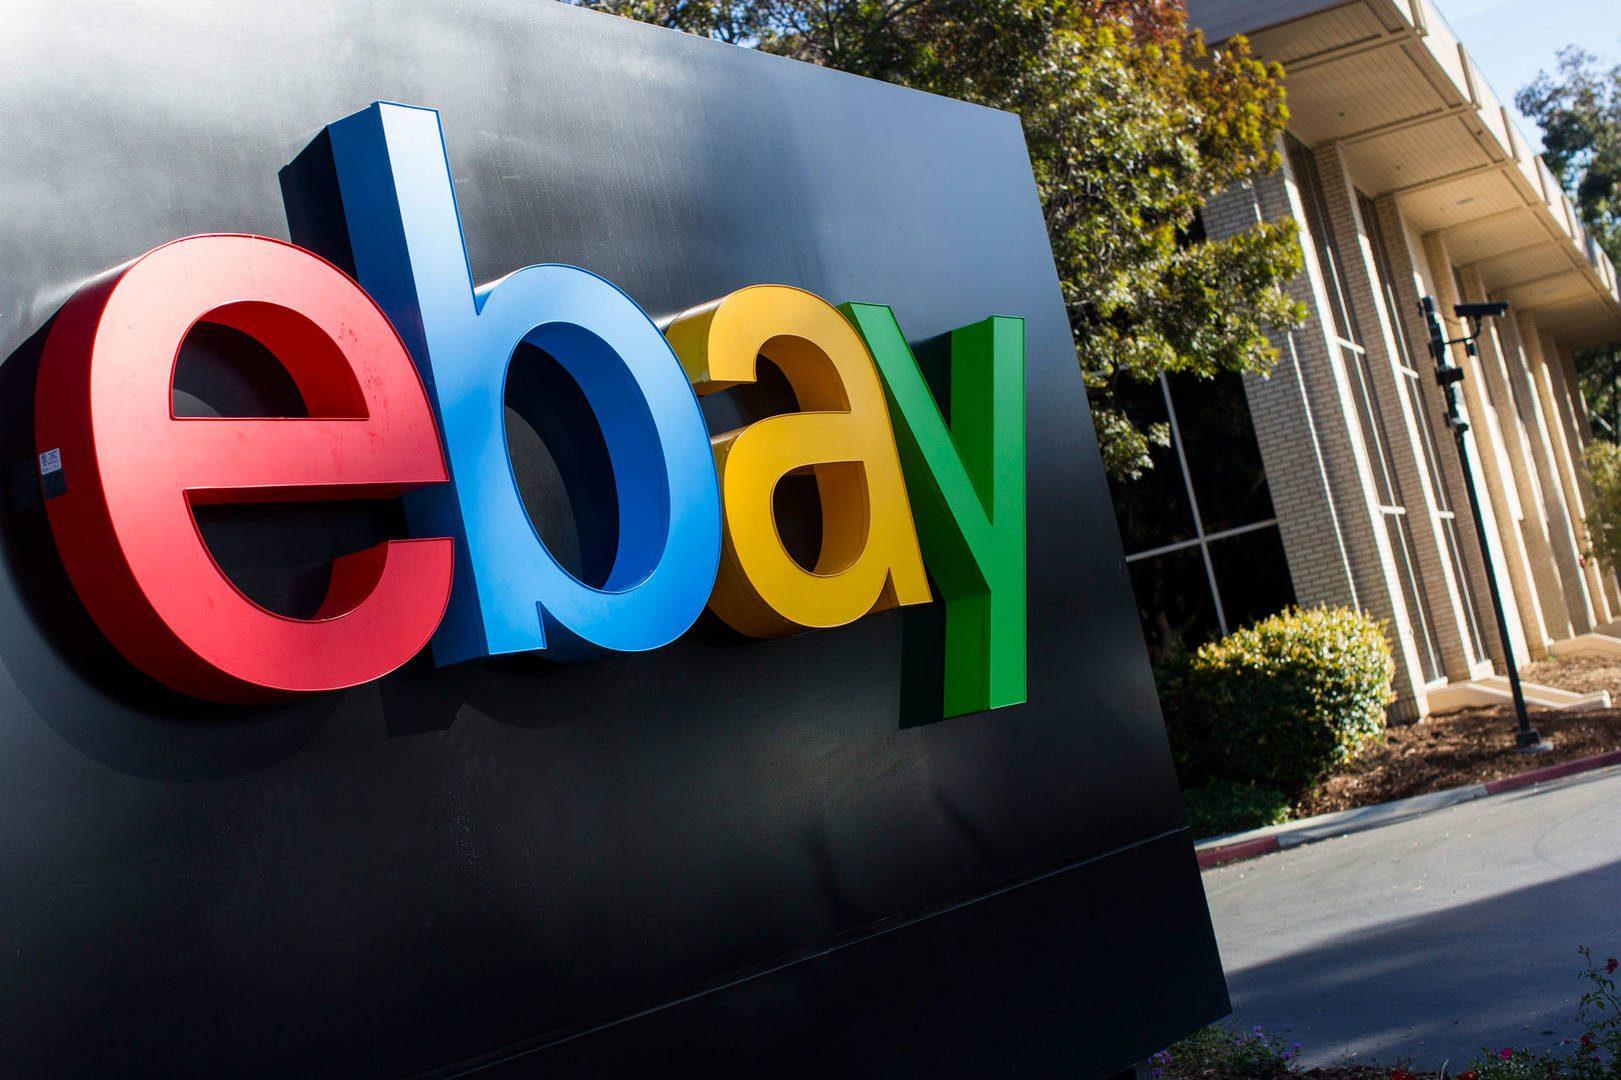 El actual CEO de Ebay, Jamie Iannone, señaló que está abierto a explorar las opciones innovadoras que ofrece el mundo de la criptomonedas y los NFT.